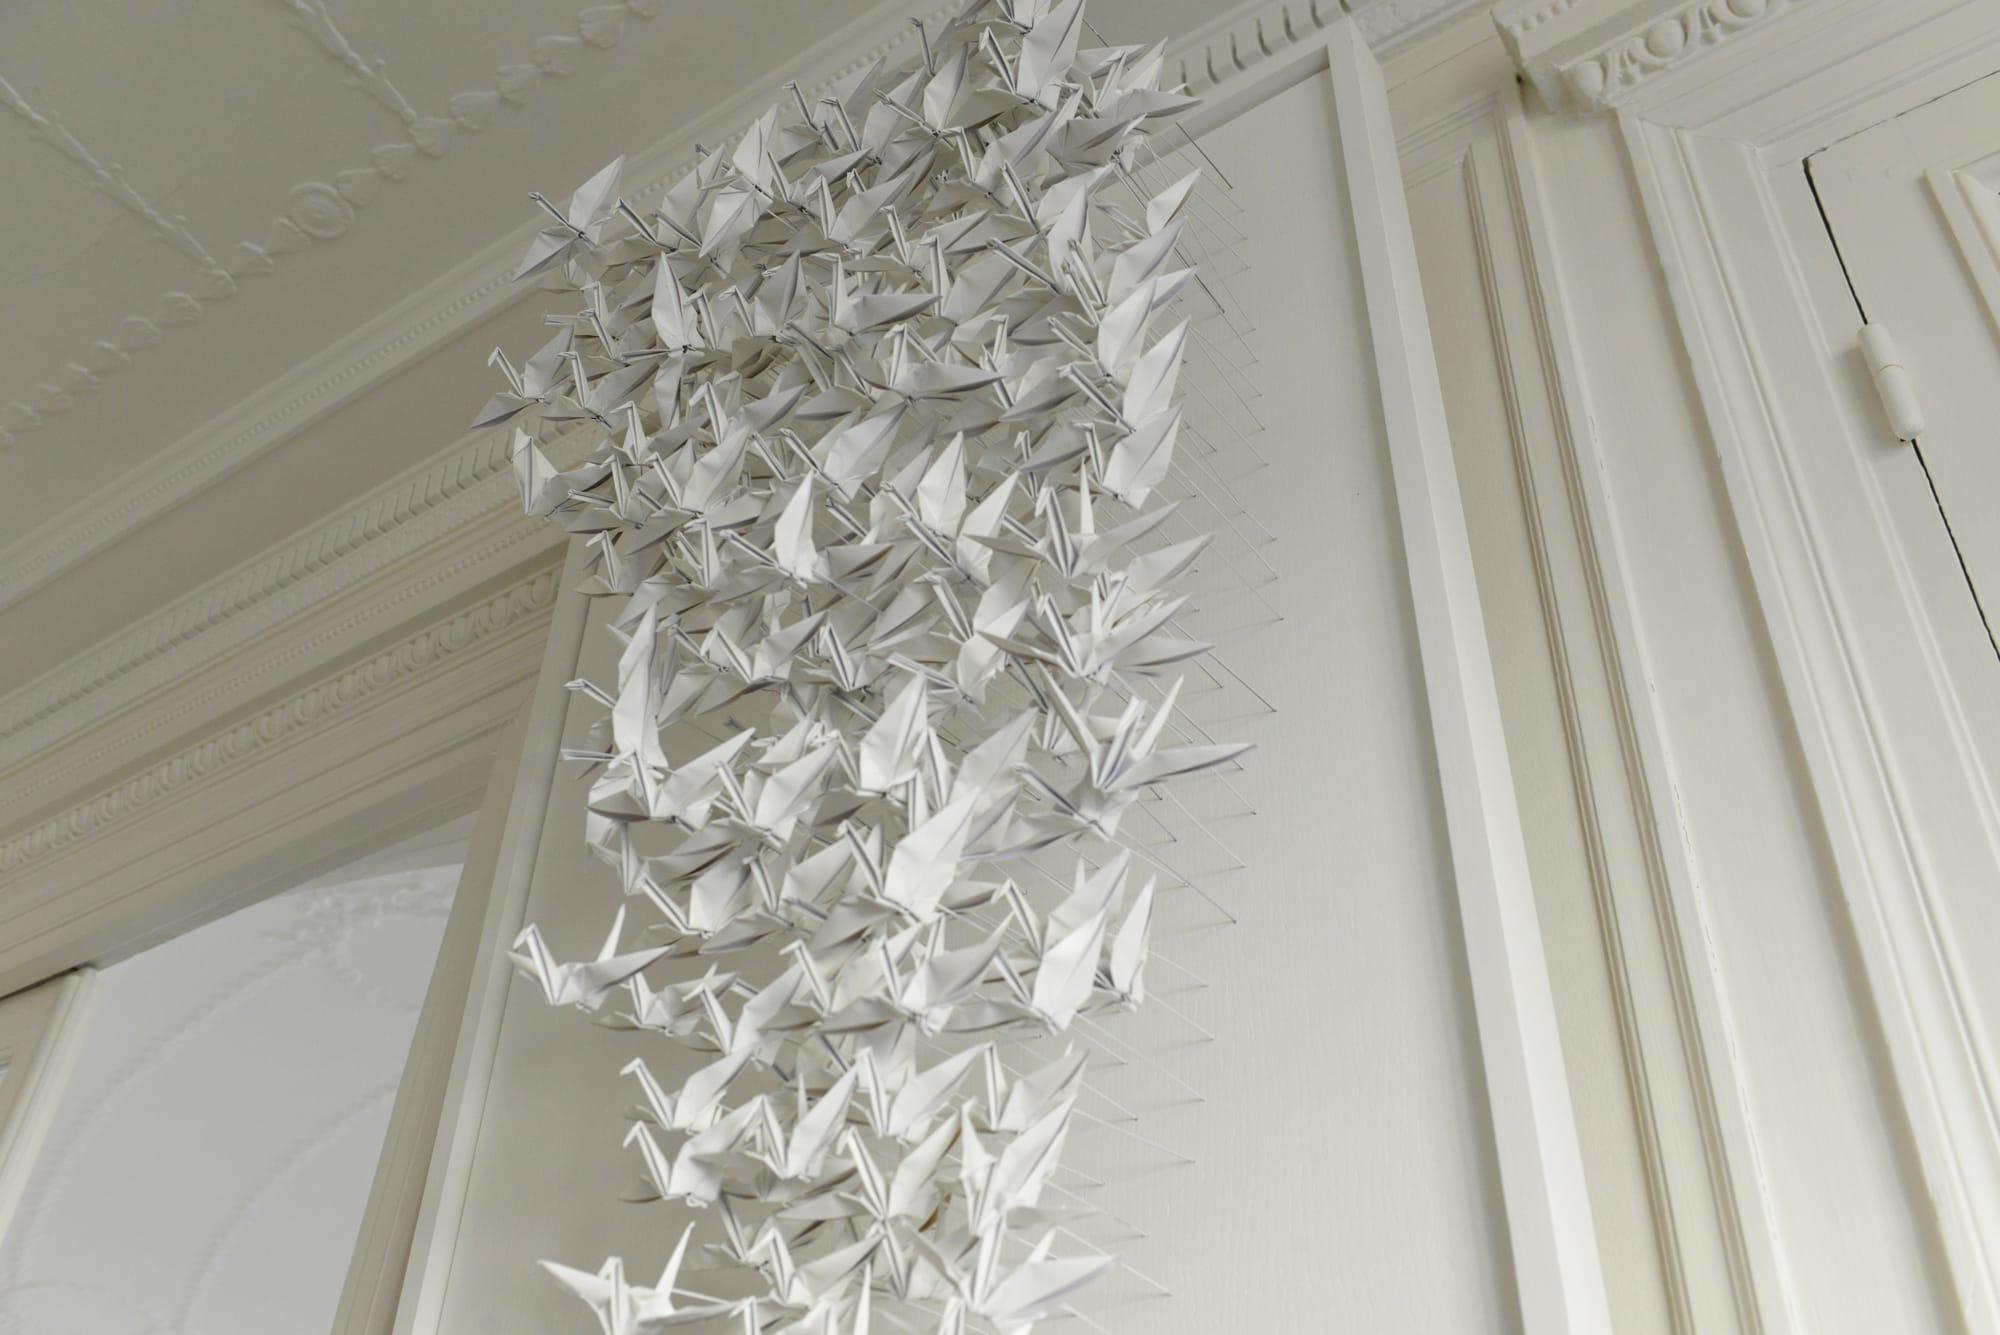 アトリエのデコレーション。ひとつひとつ紙で折られた白い鶴のオブジェはフランス人の知人による作品という。